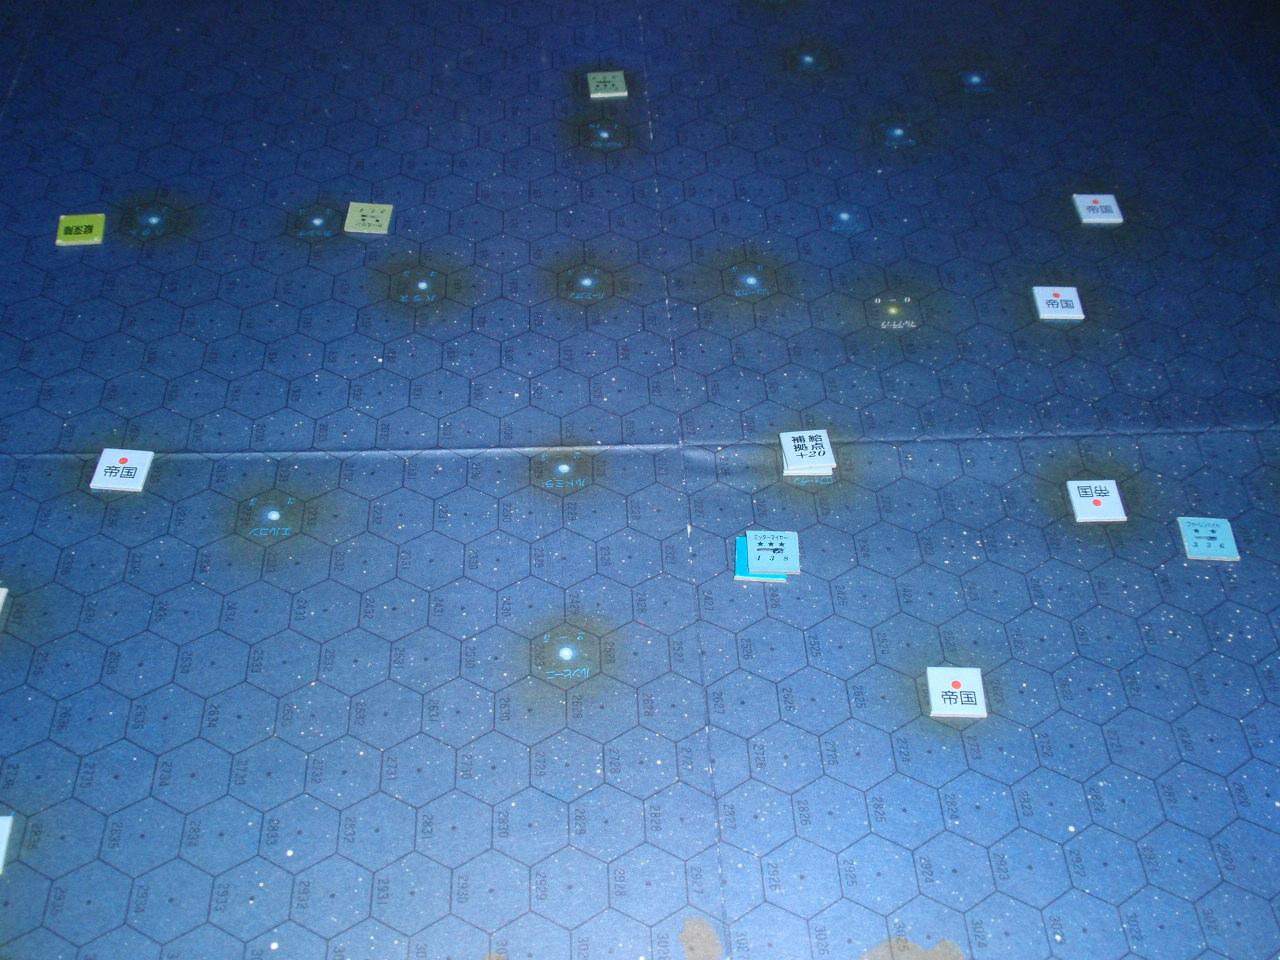 ツクダ「ラグナロック作戦」を対戦_b0162202_20553927.jpg